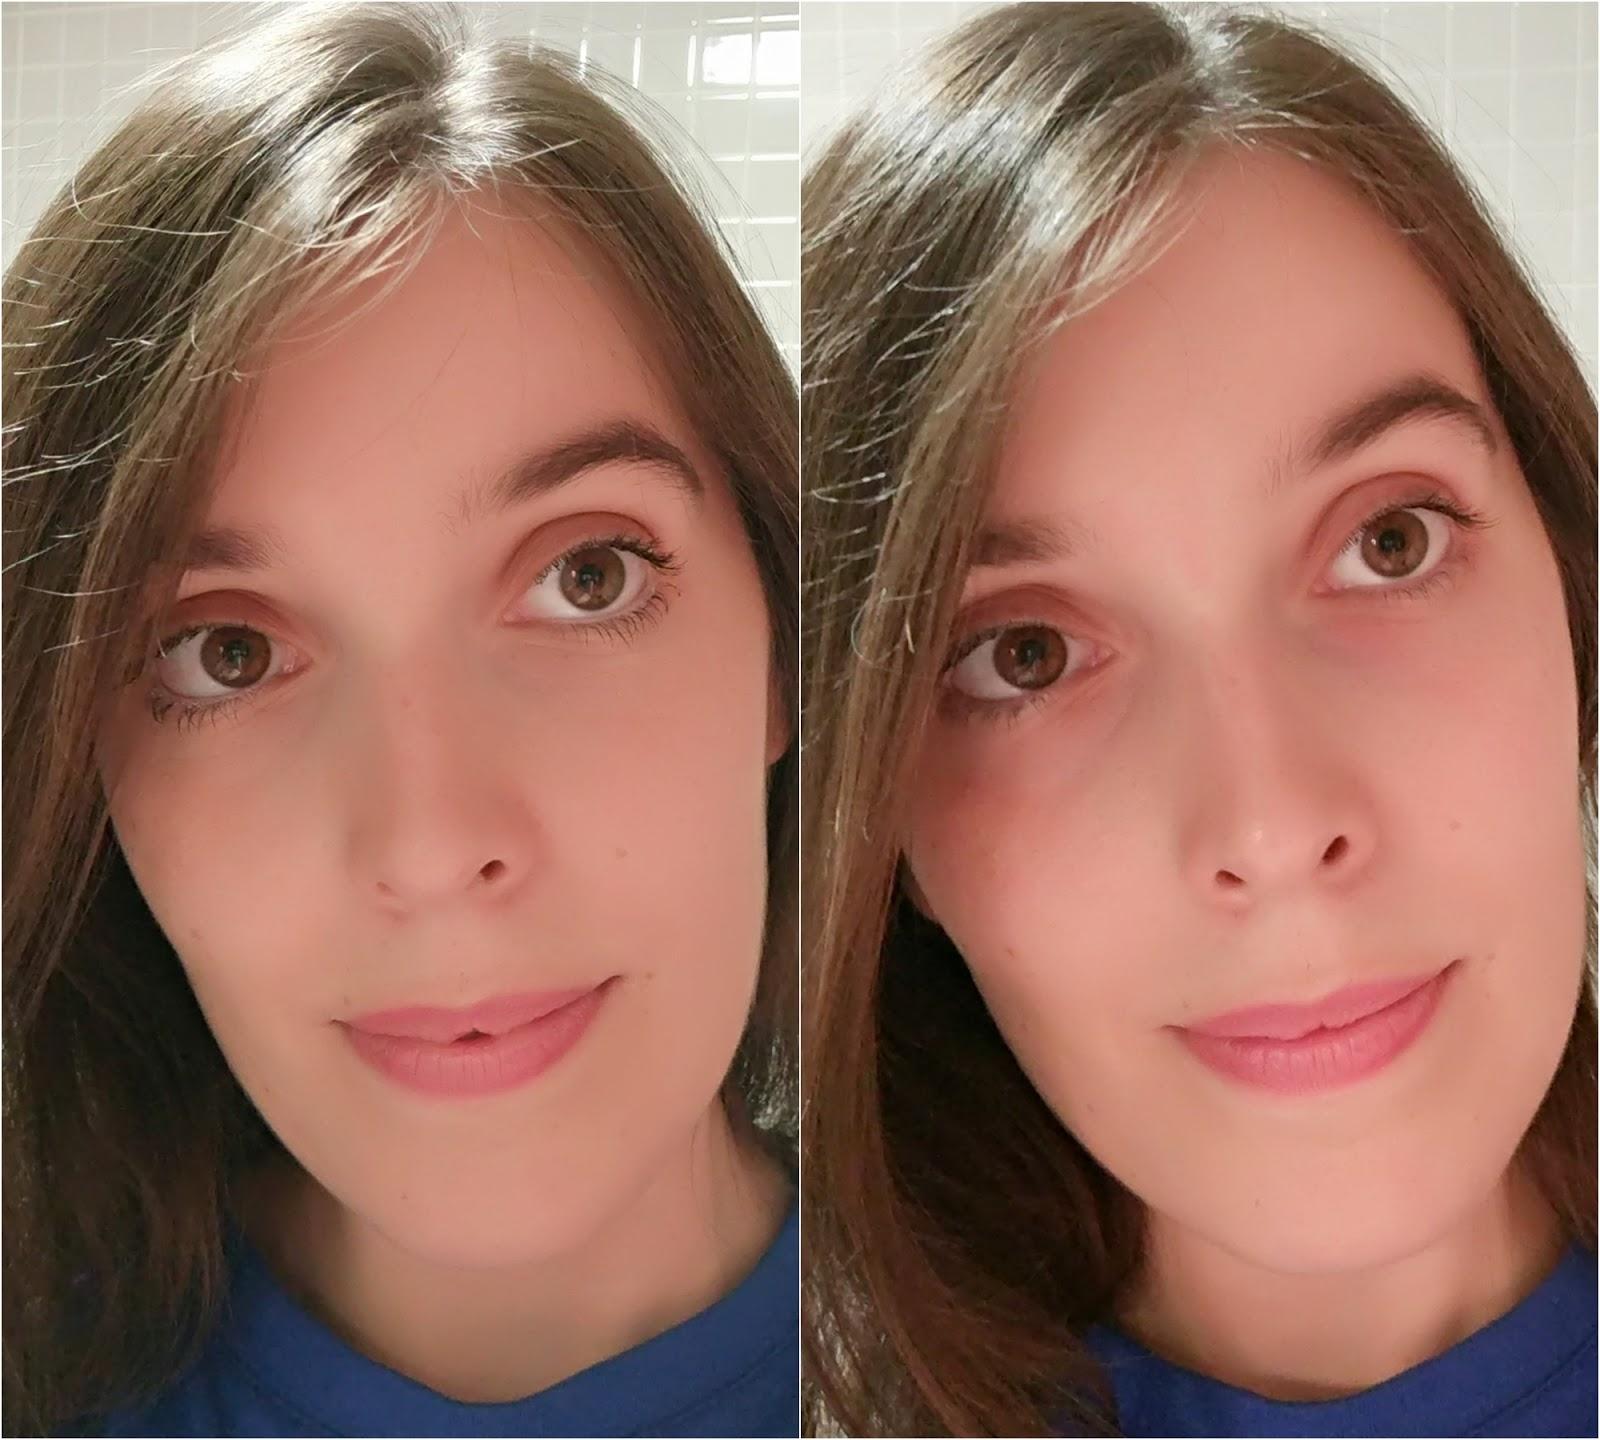 Desmaquilhante p/ olhos sensíveis e com lentes de contacto, Cosmia - Antes e depois